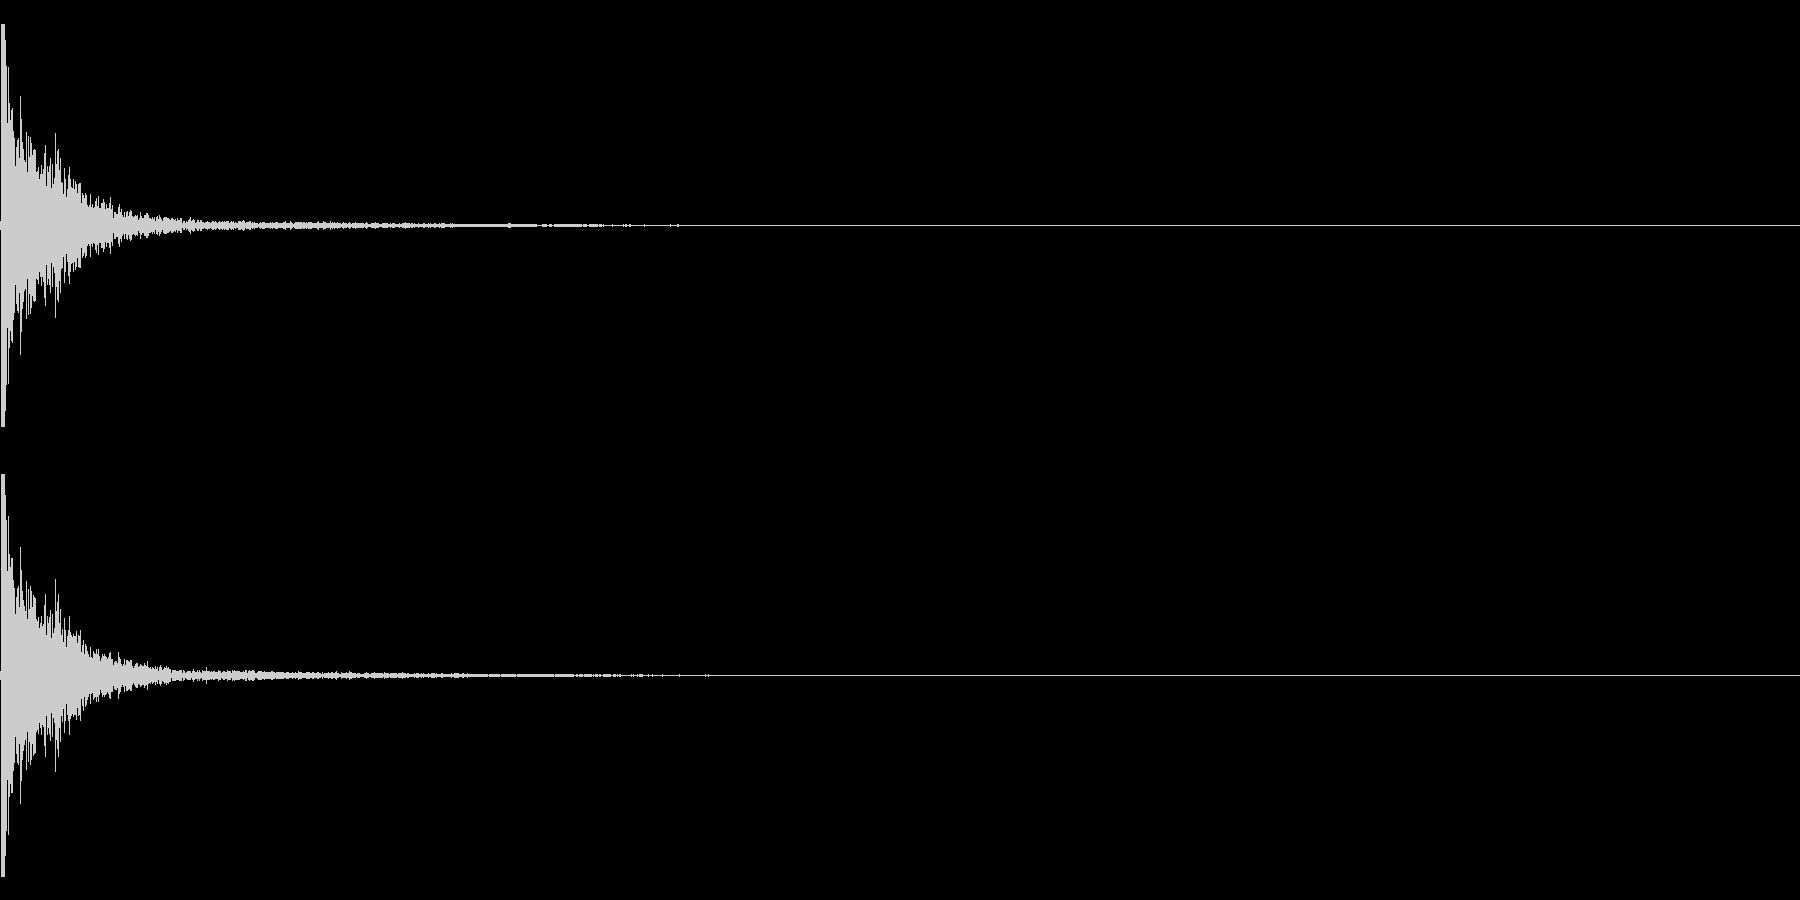 【生録音】映画のカチンコの音 2の未再生の波形